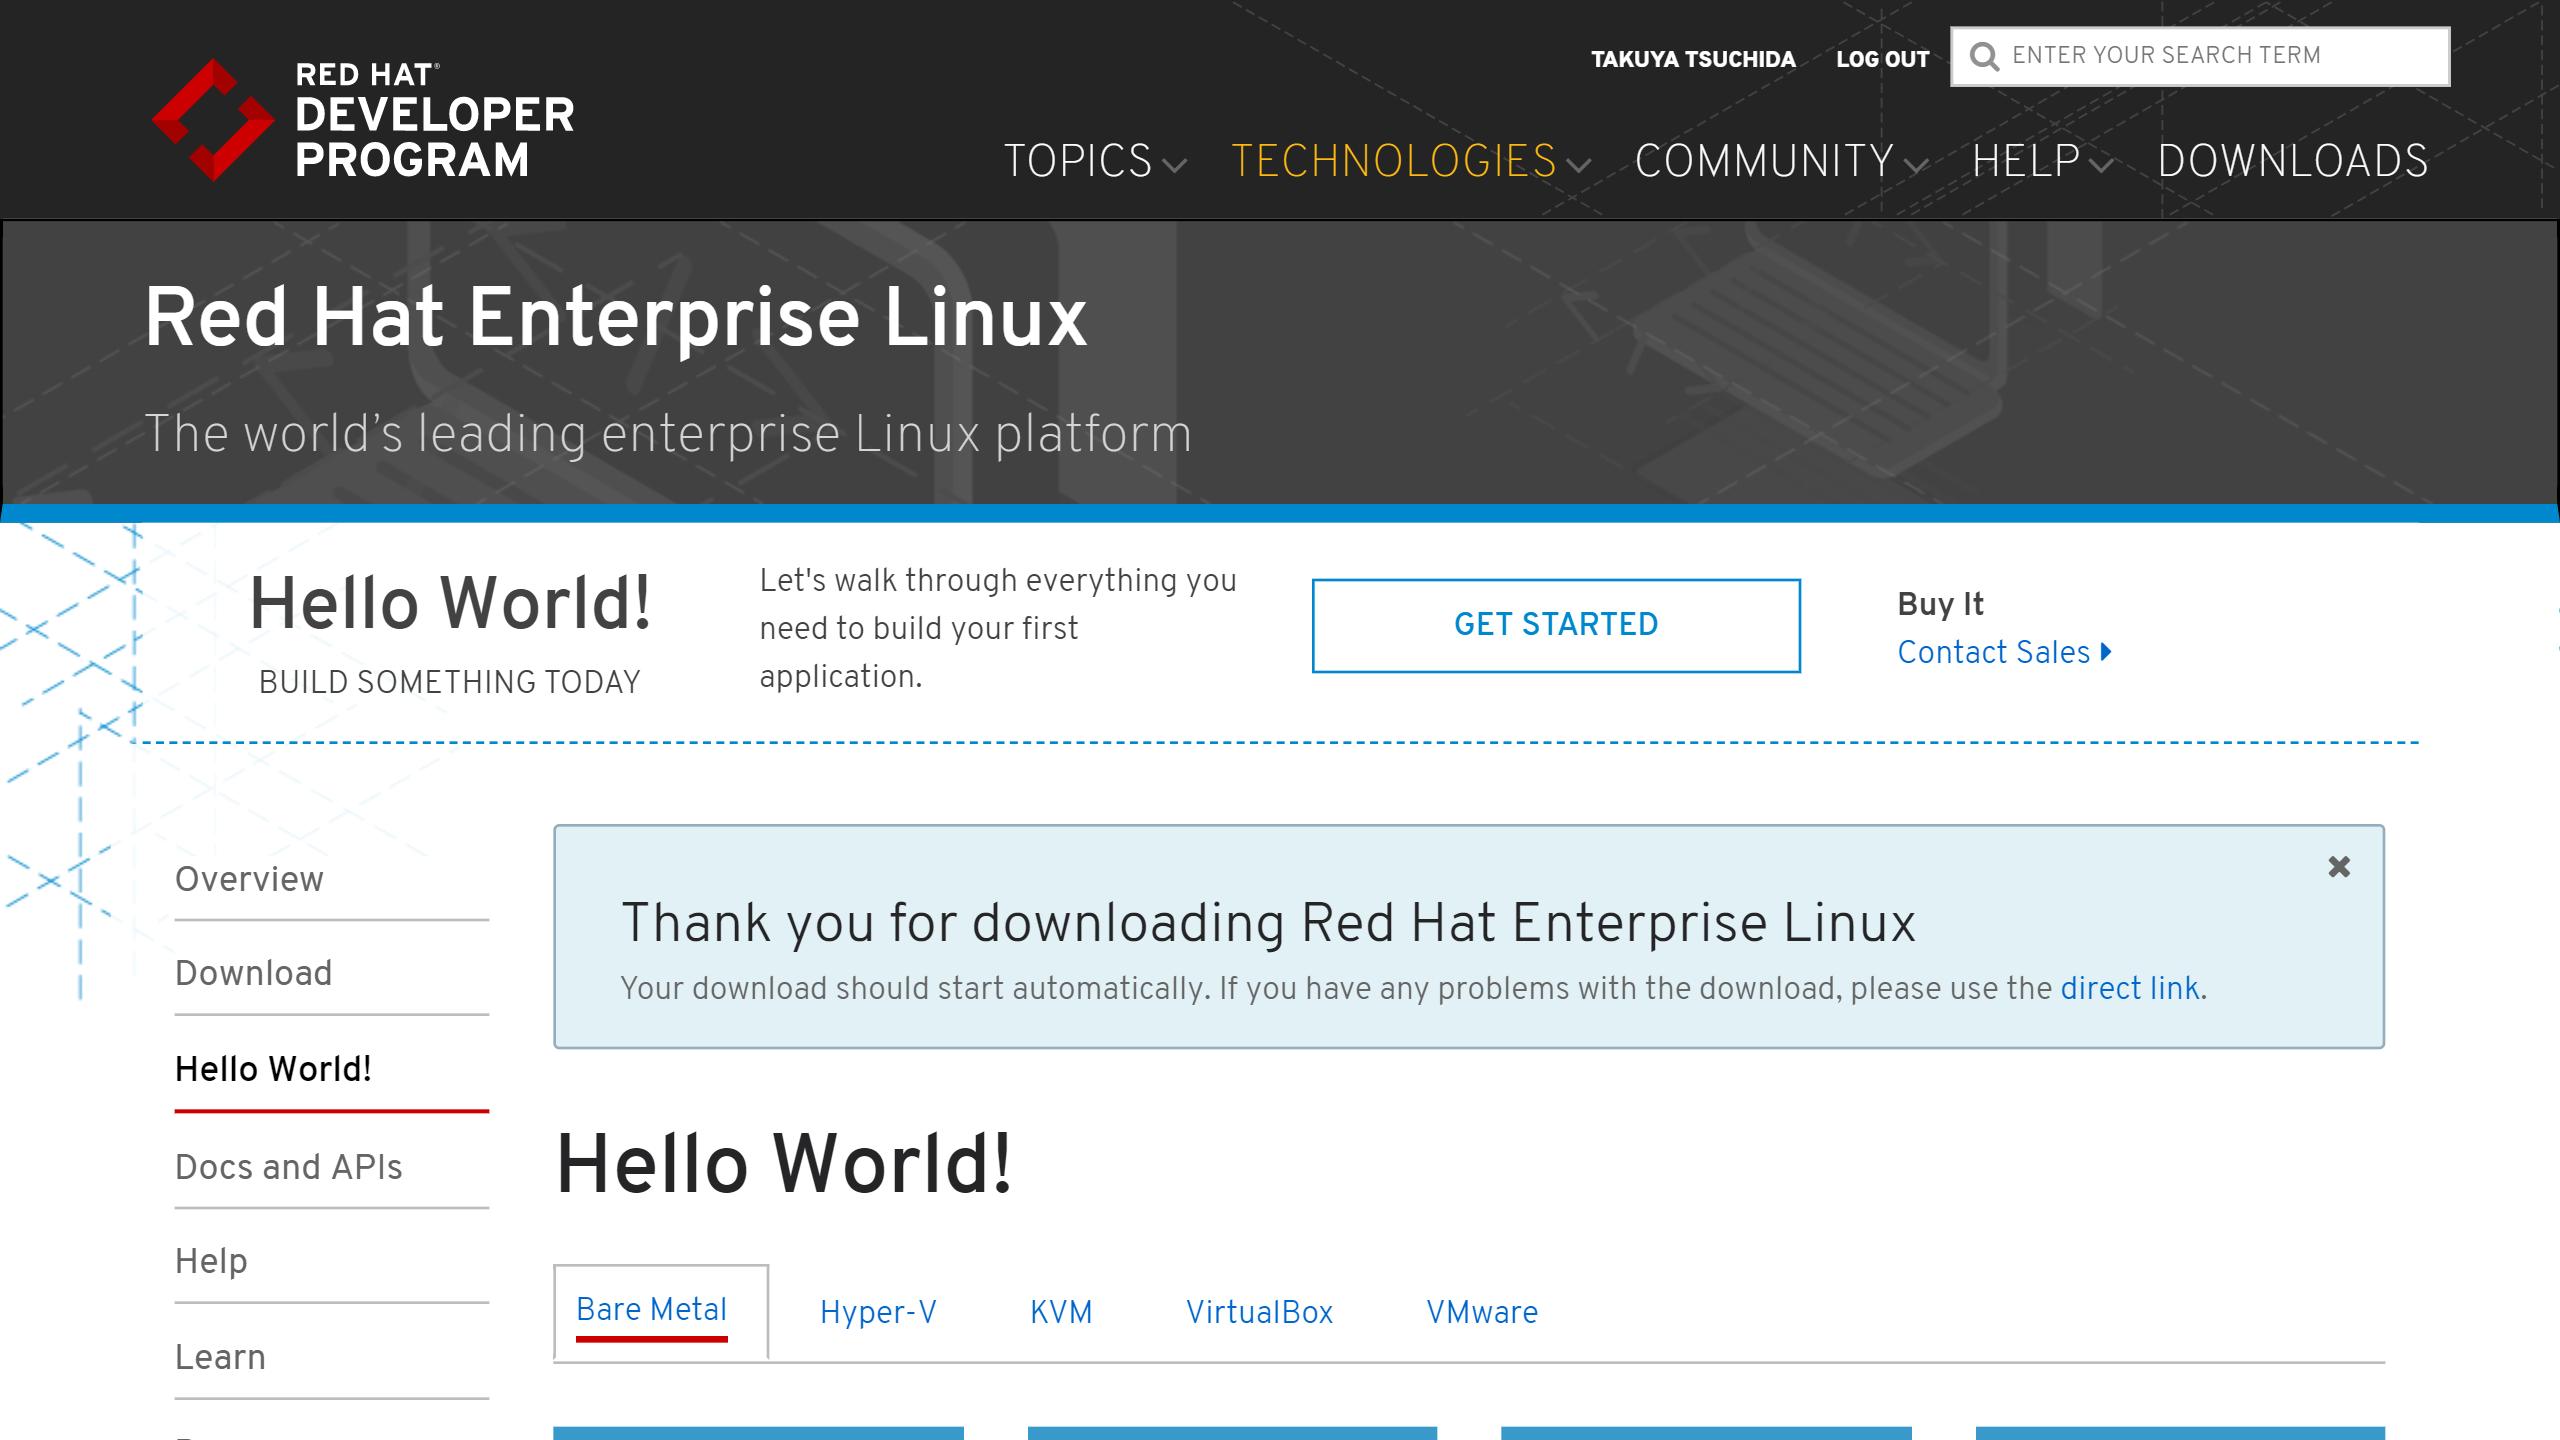 red-hat-developer-program-downloads-red-hat-enterprise-linux